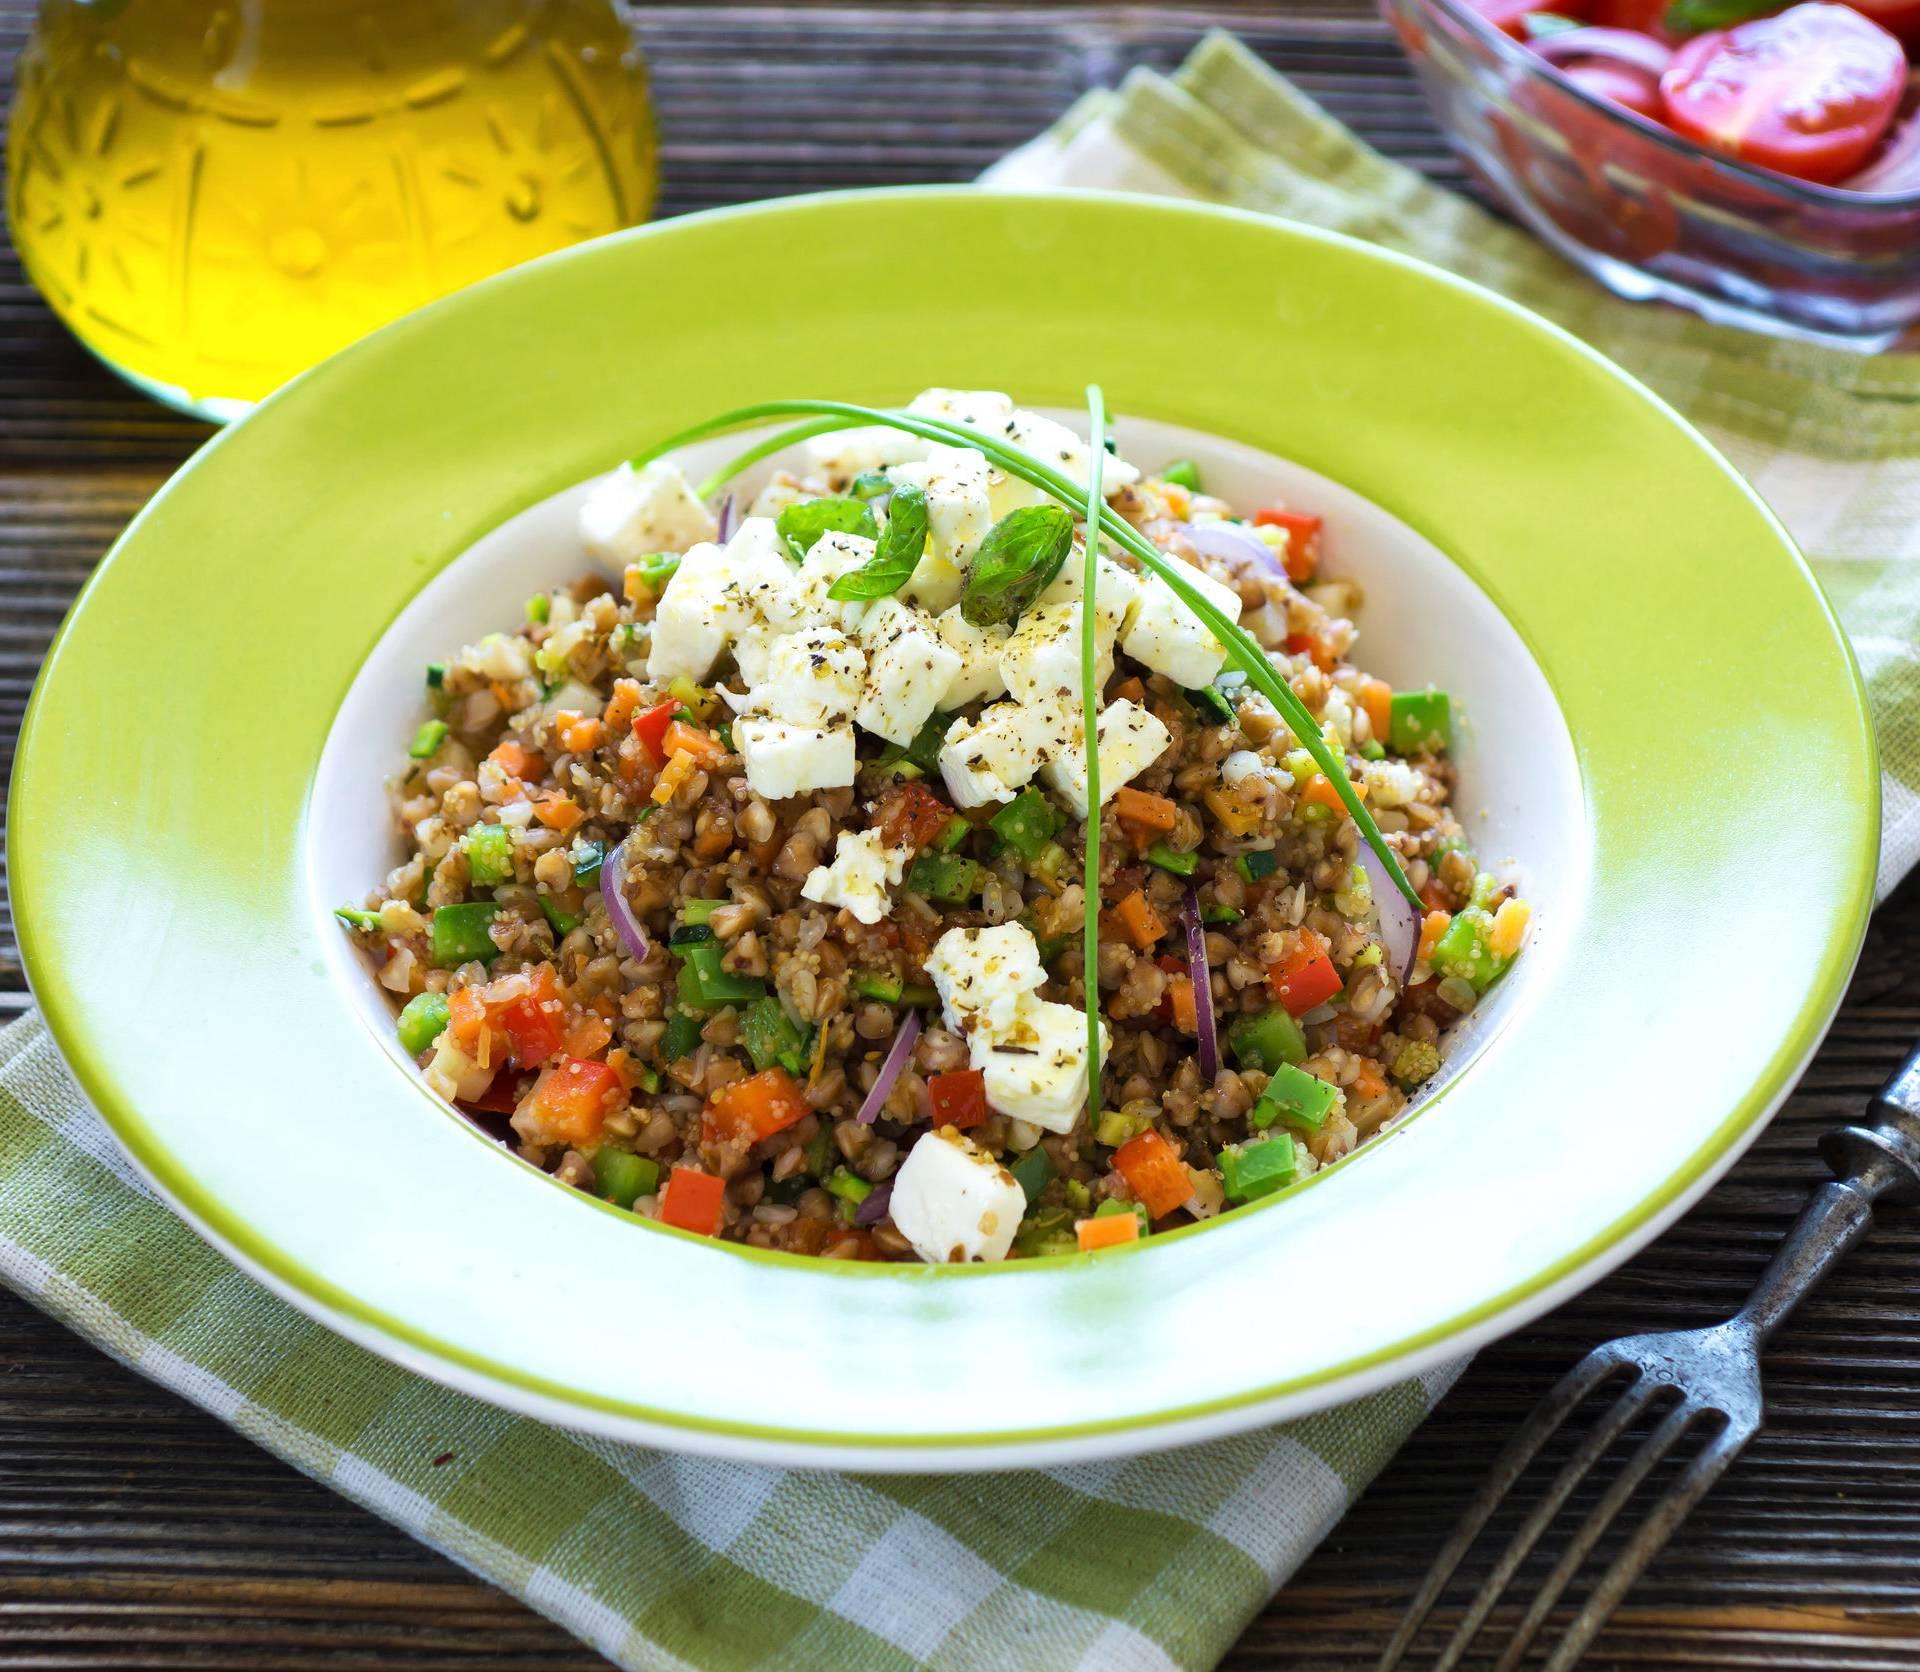 Ljetni osvježavajući zalogaji: Heljda s amarantom i paprikom